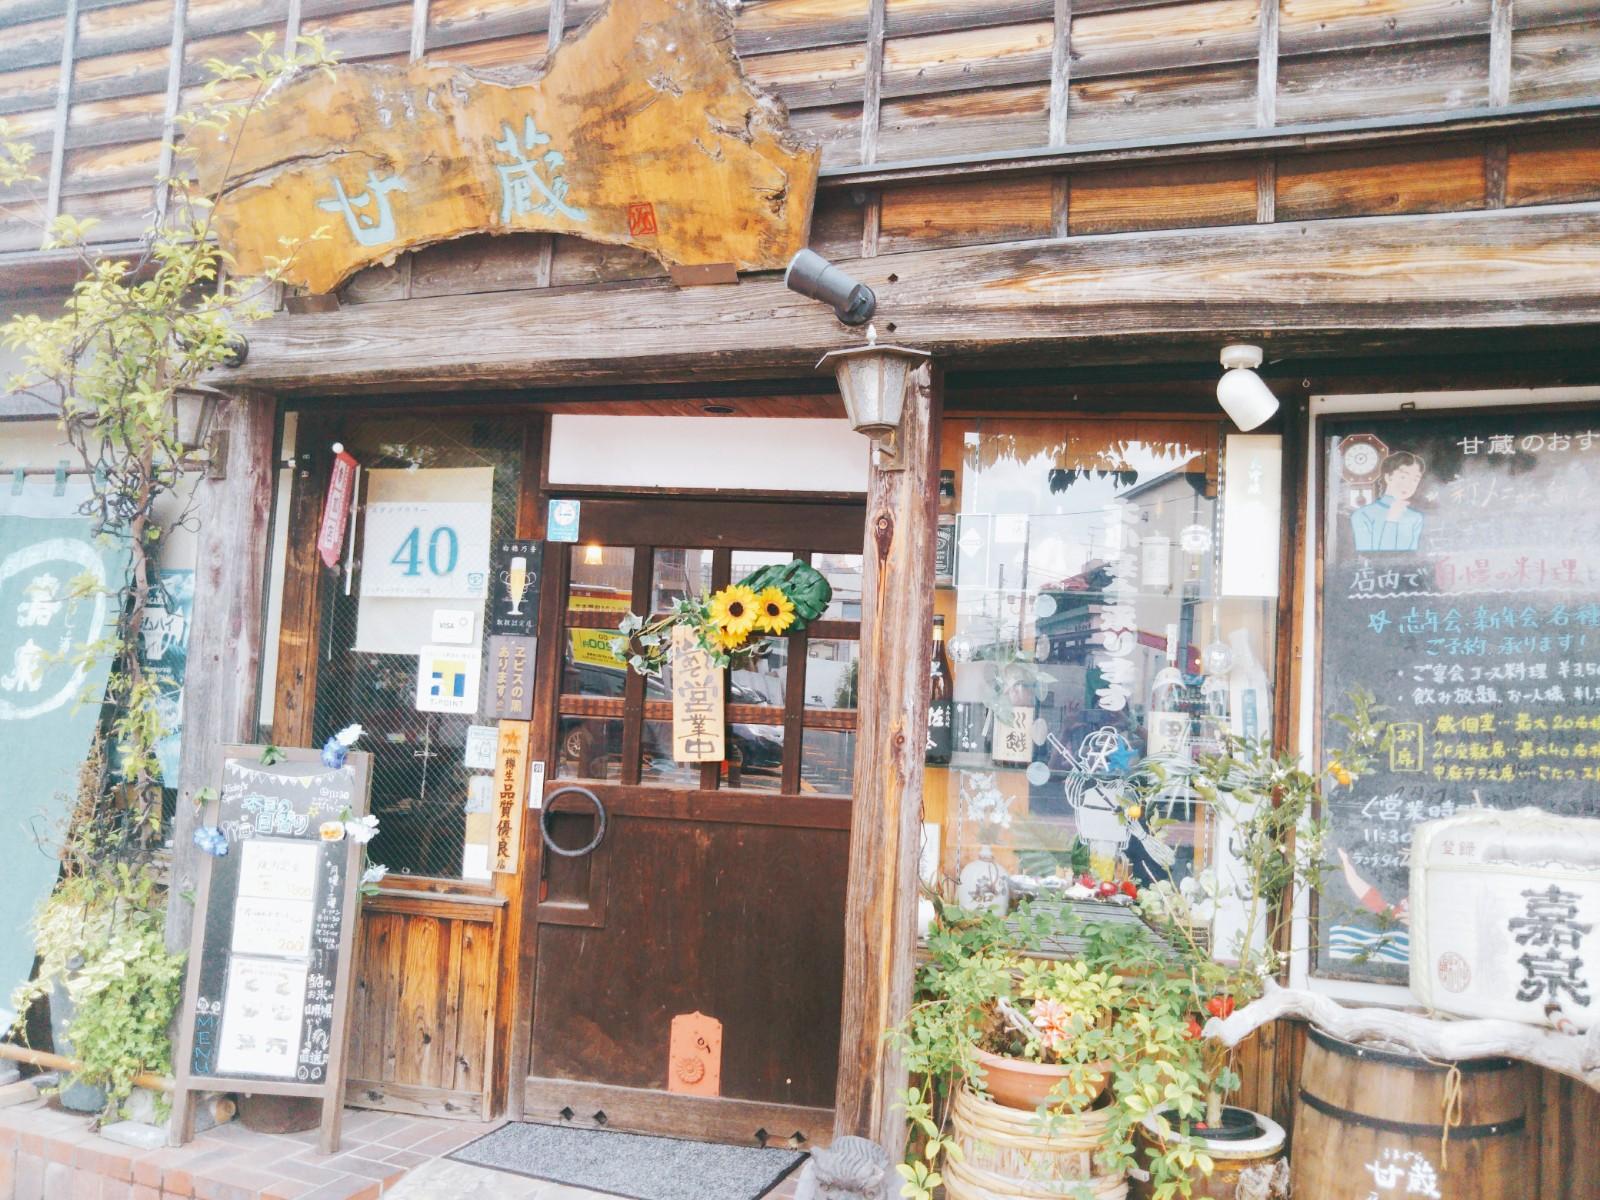 【福生】ANTIQUE DINING 甘蔵のランチに行ってきました。